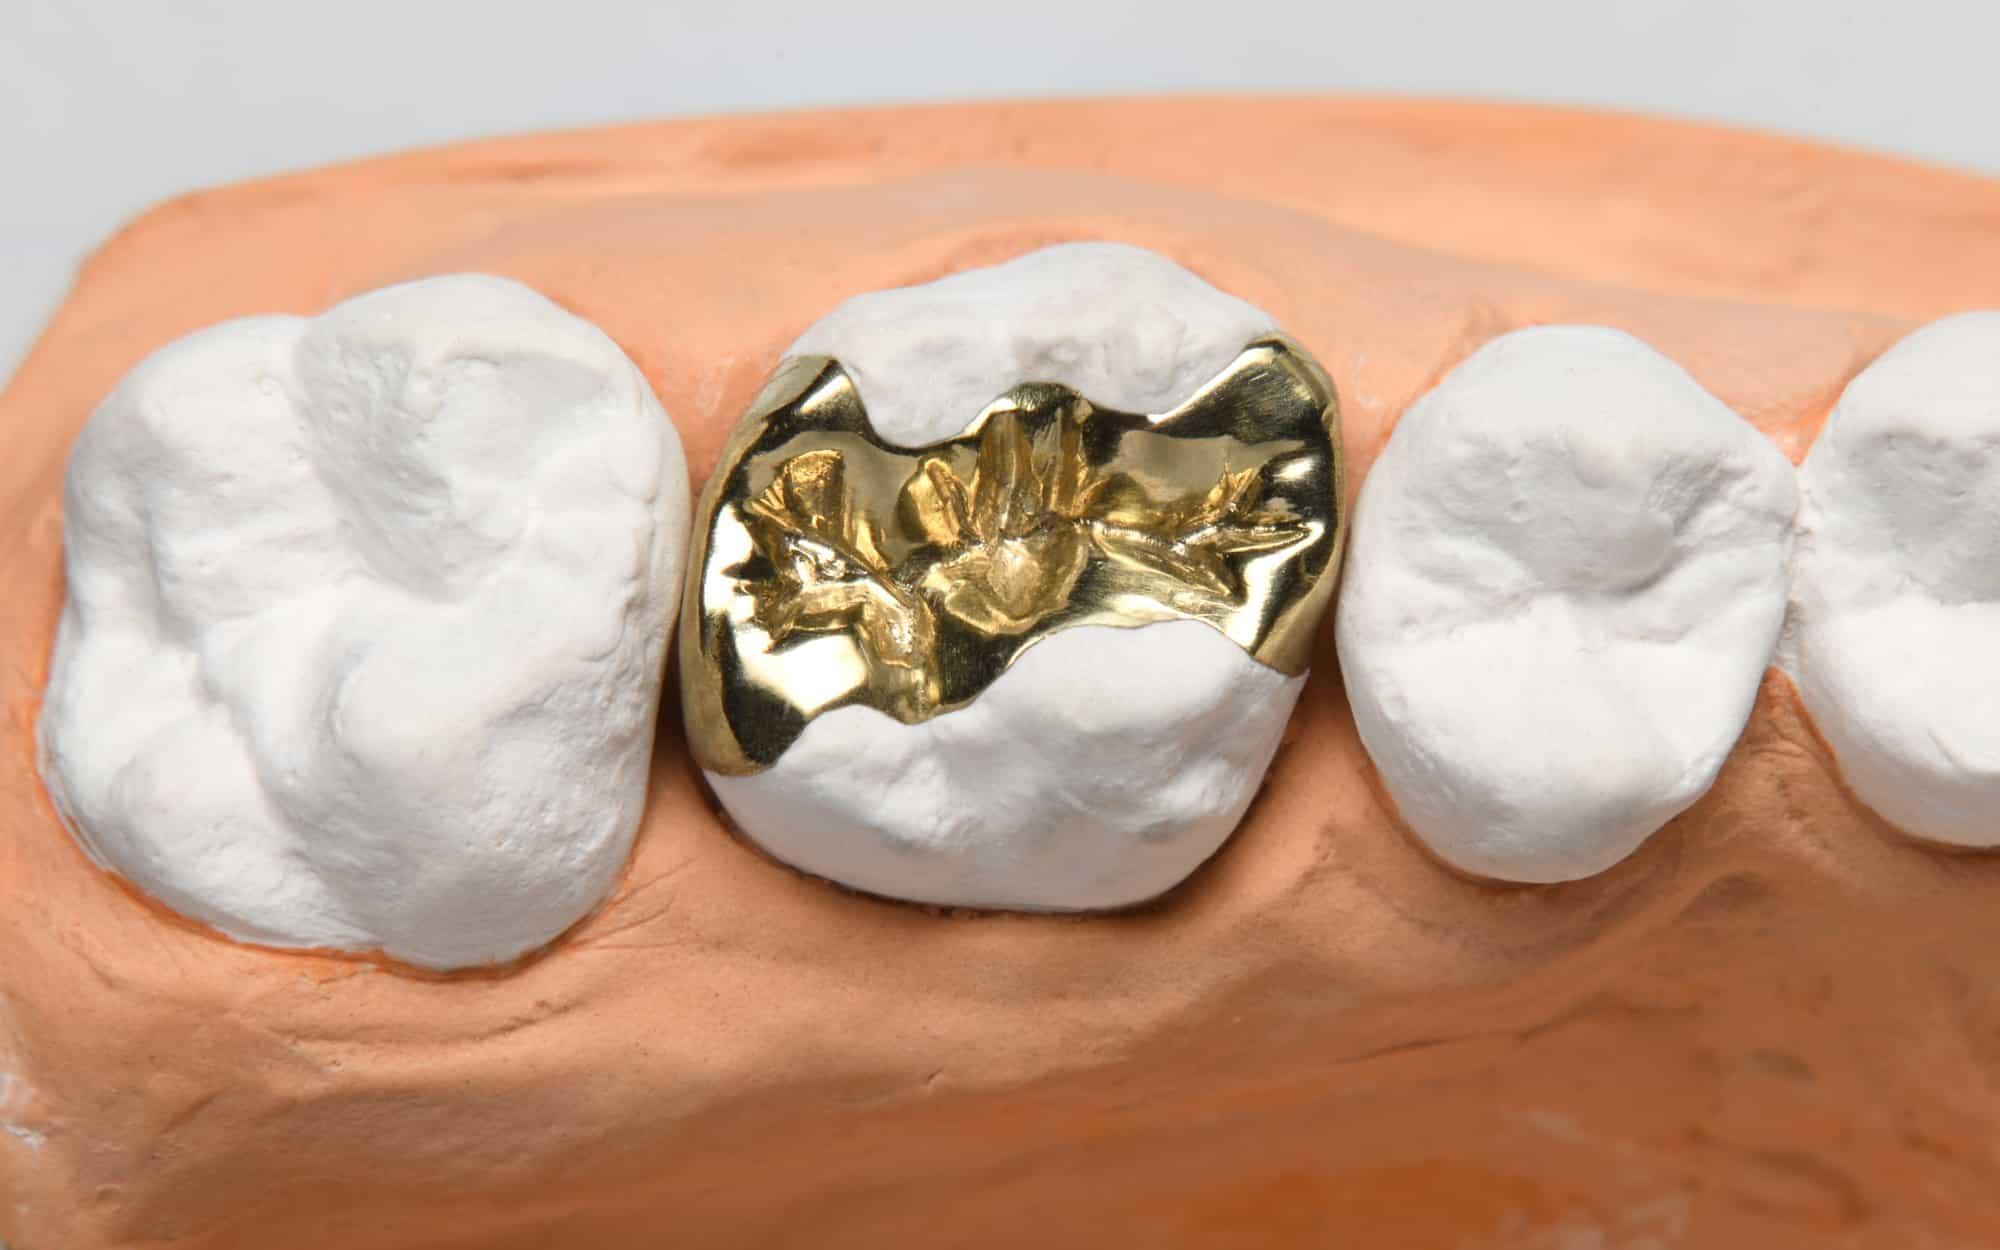 Inlays als besondere Zahnfüllungen - Goldinlay auf dem Modell